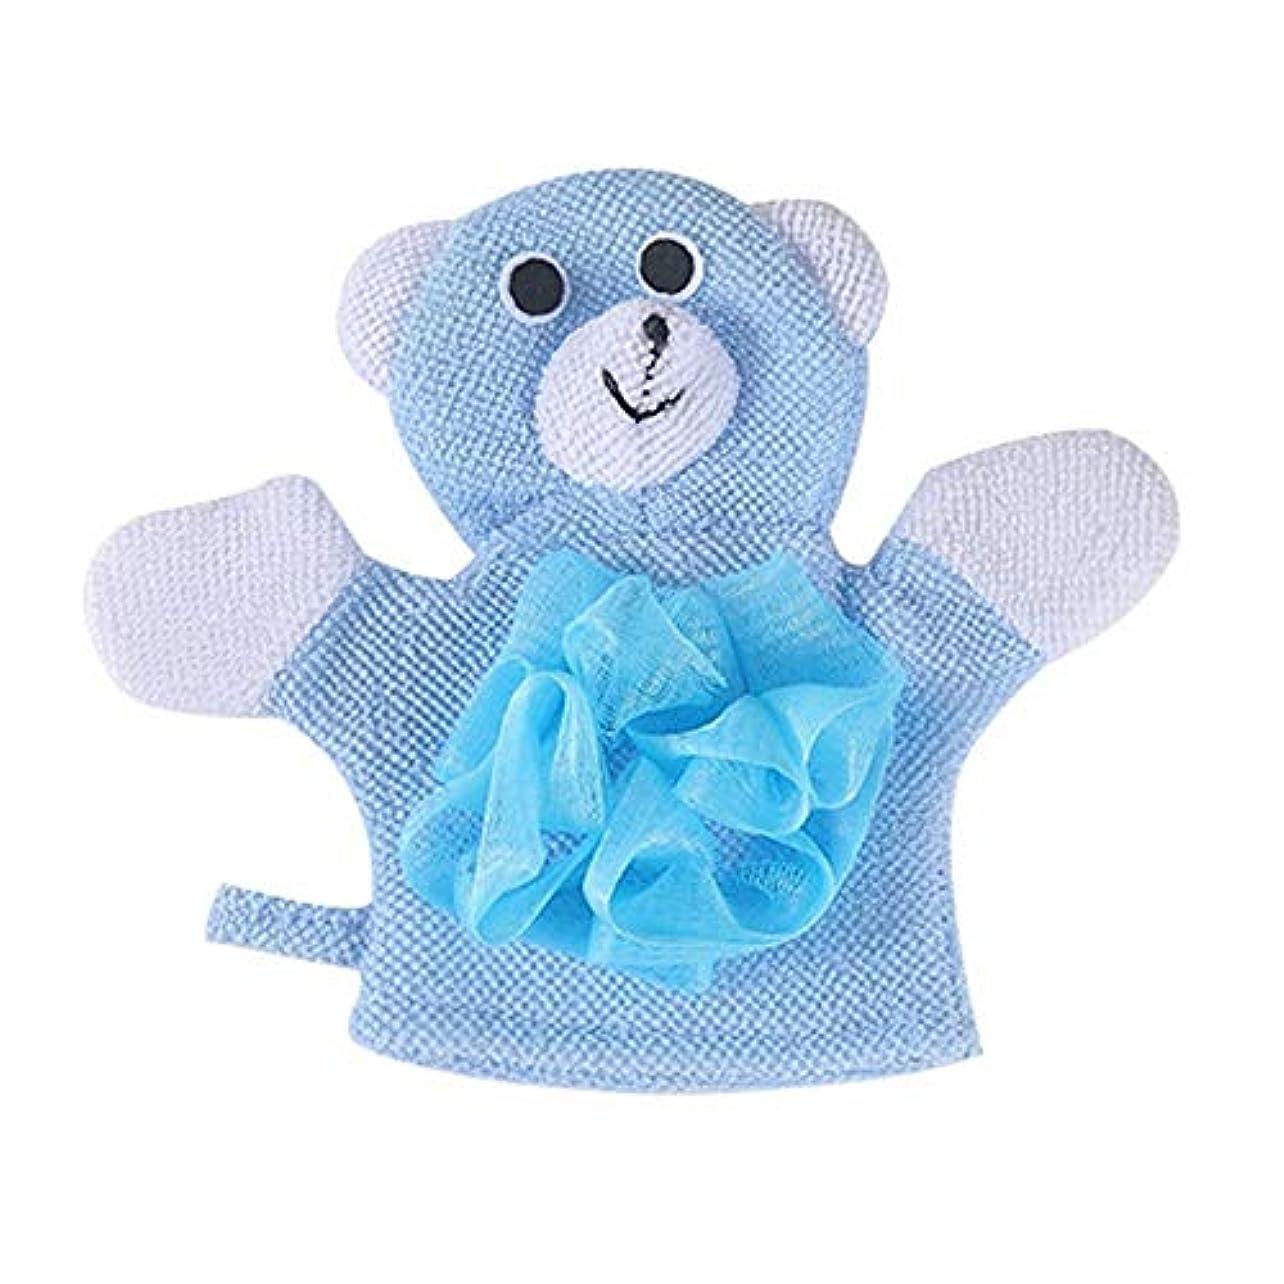 手首エキスパート置くためにパックBTXXYJP お風呂用手袋 あかすり シャワー手袋 ボディブラシ やわらか バス用品 ボディタオル 角質除去 (Color : Blue)